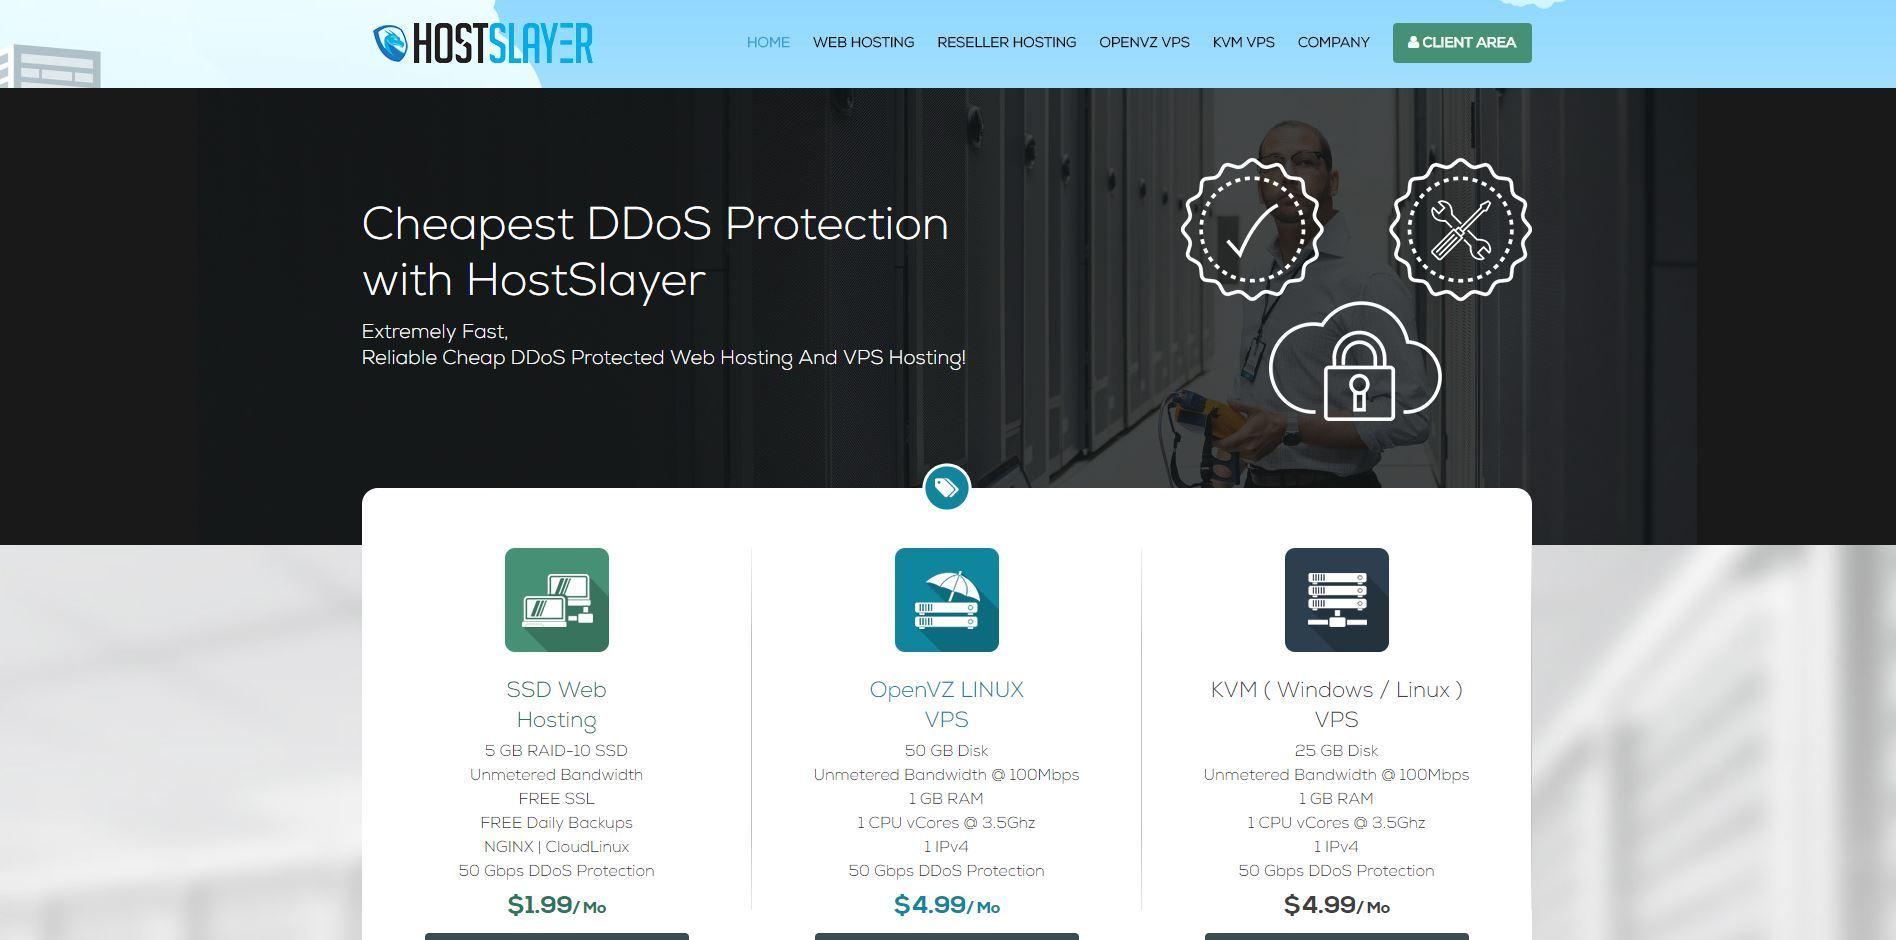 HostSlayer LLC - DDoS Protected Web Hosting, Reseller Hosting & VPS